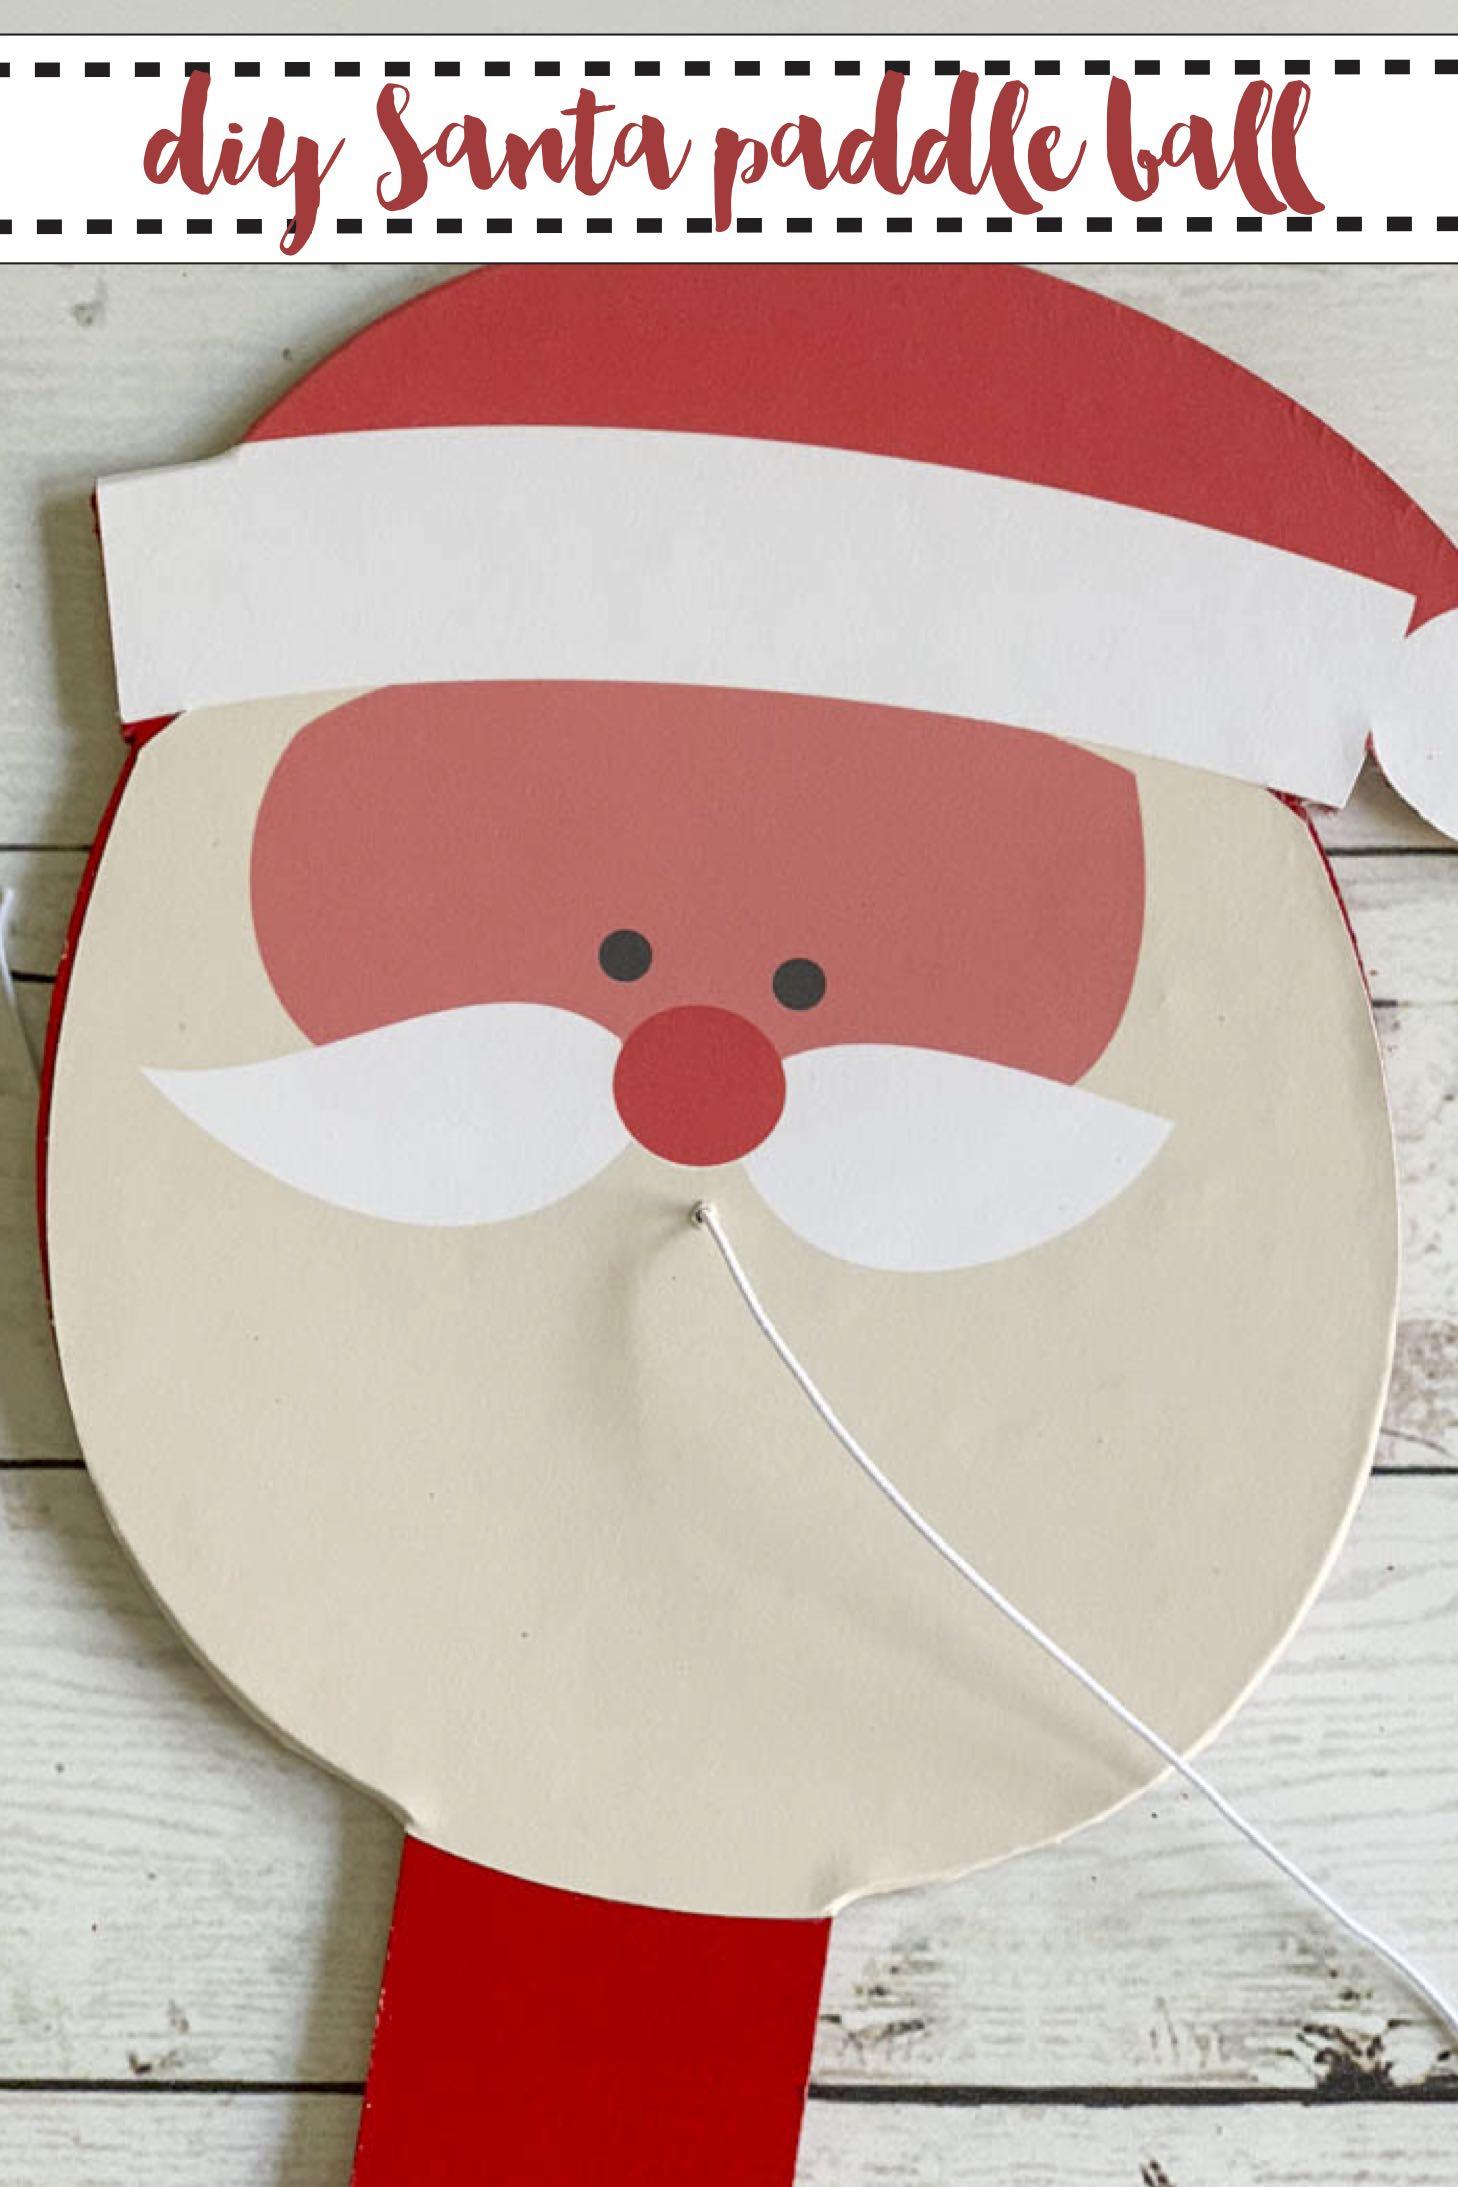 DIY Santa Paddle Ball